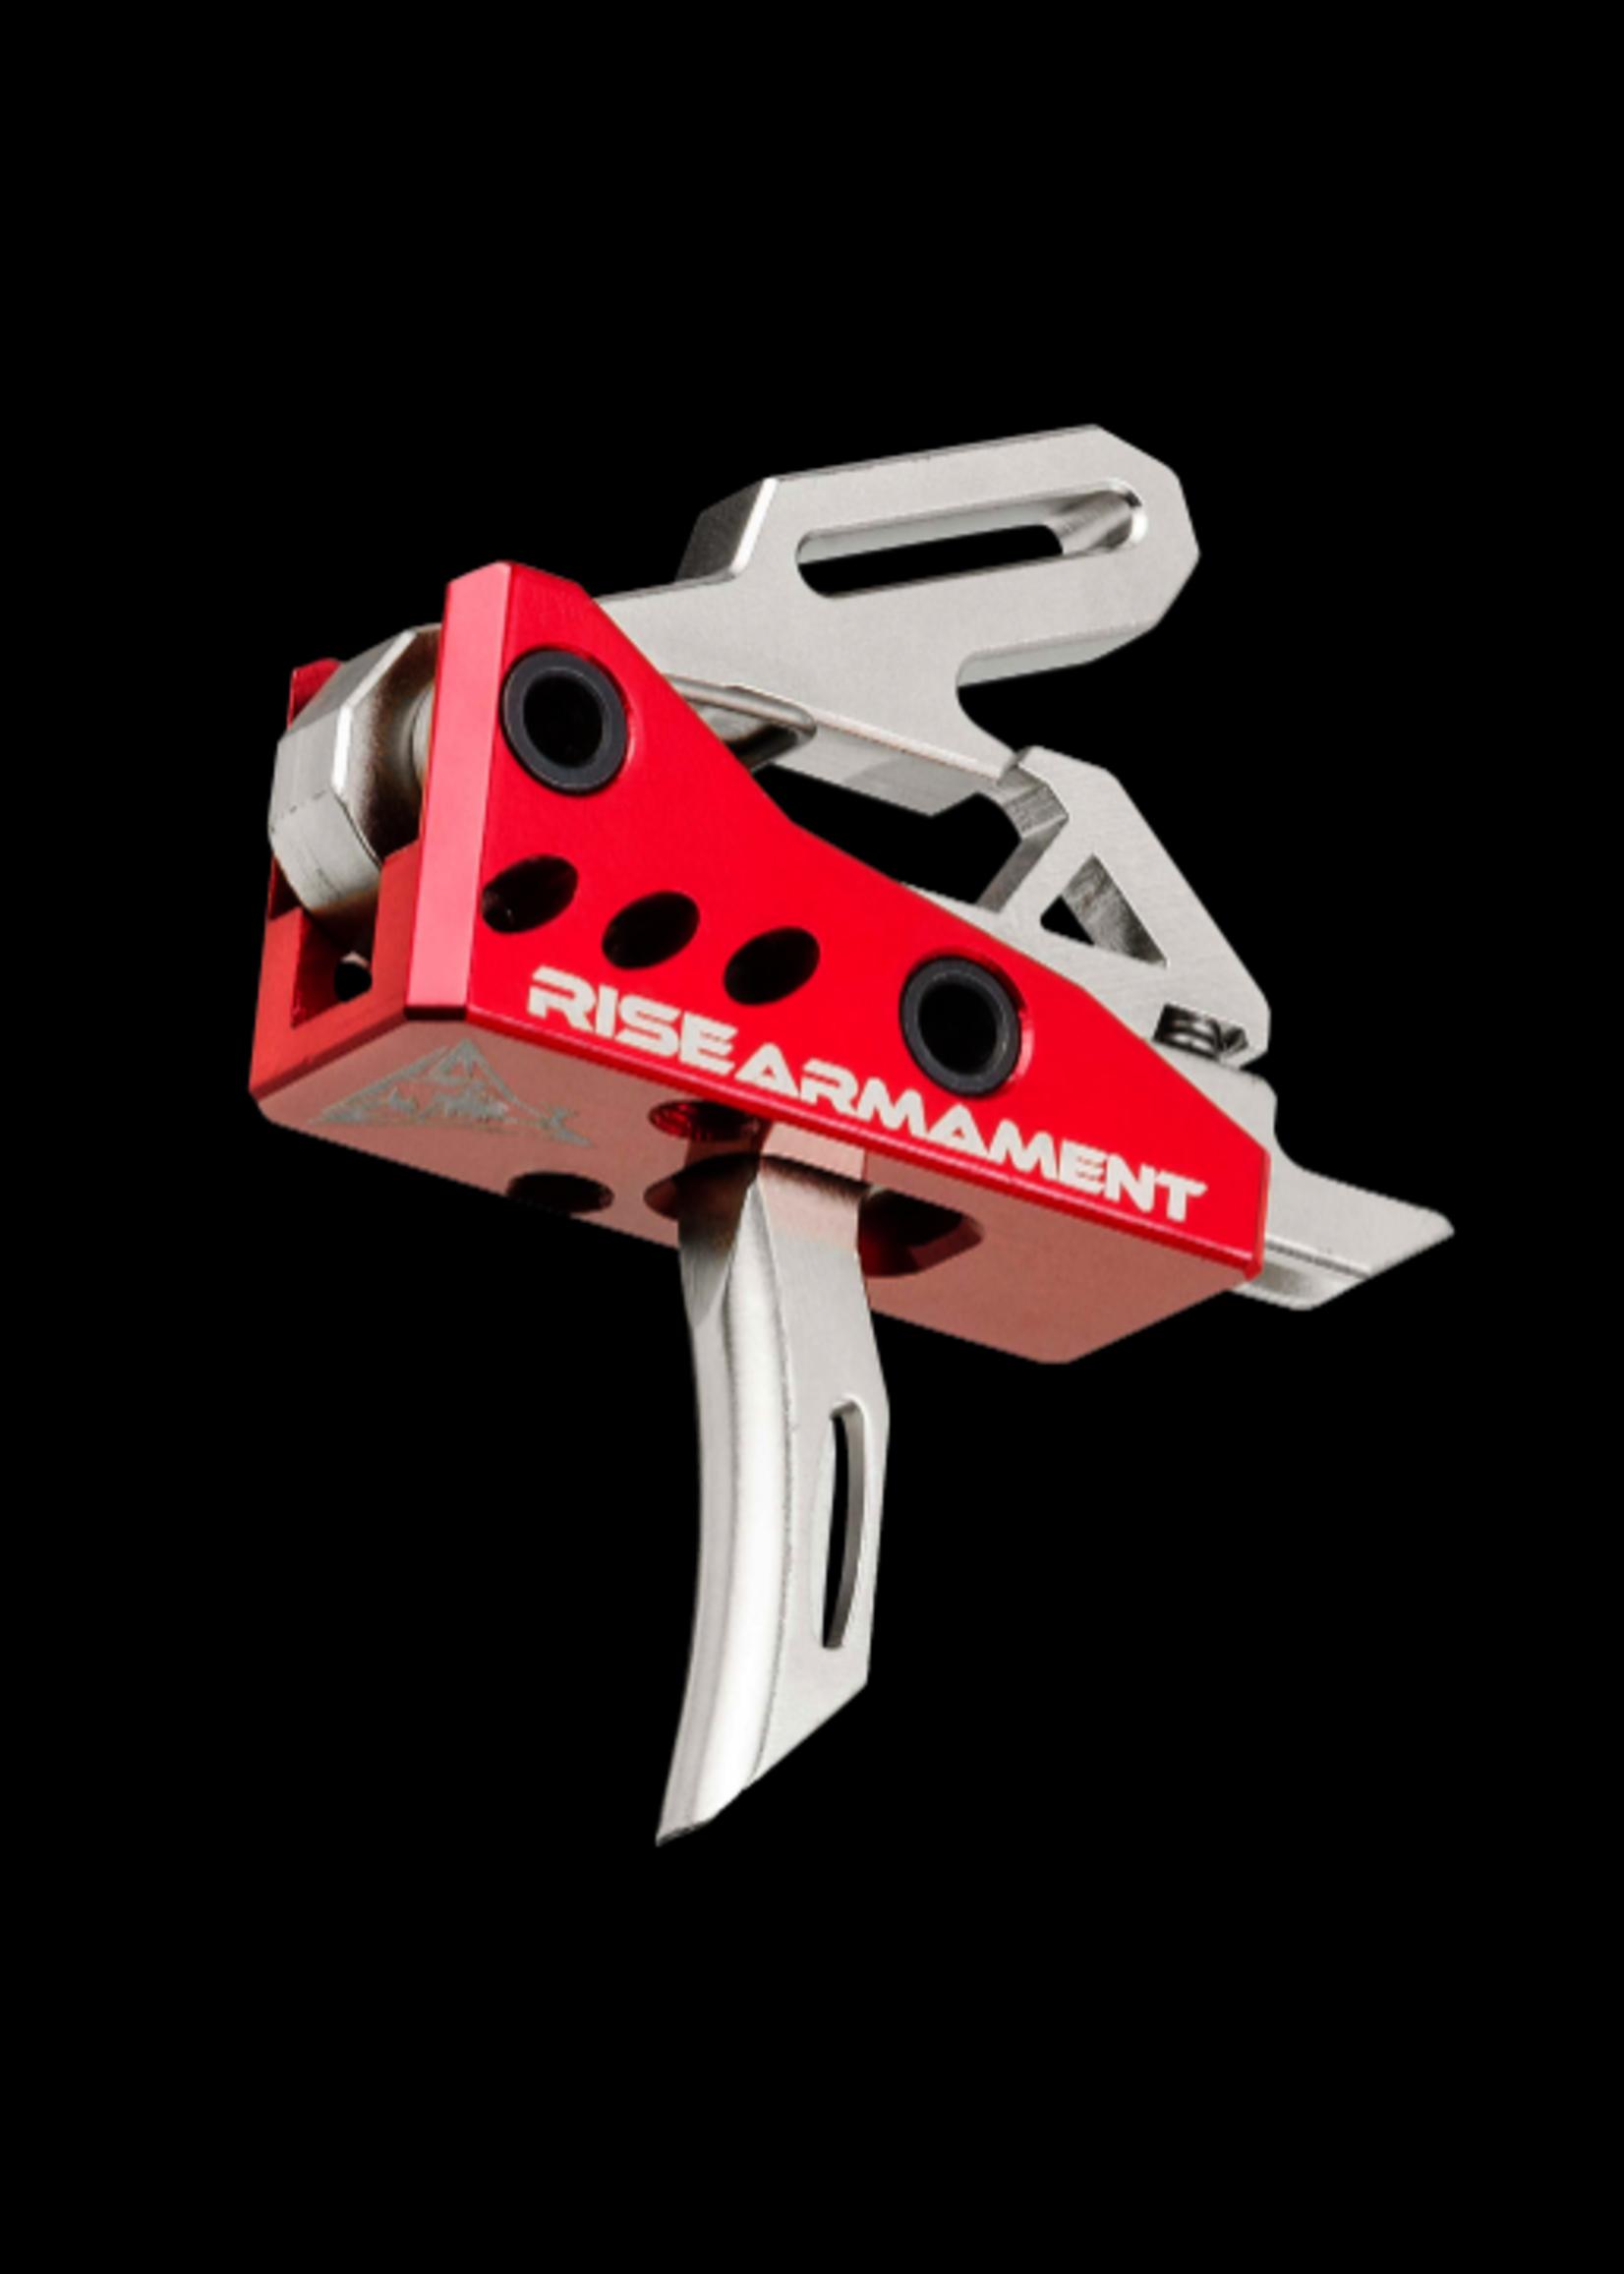 Rise Armament Rise Armament RA-535 Advanced-Performance 3.5lb Trigger